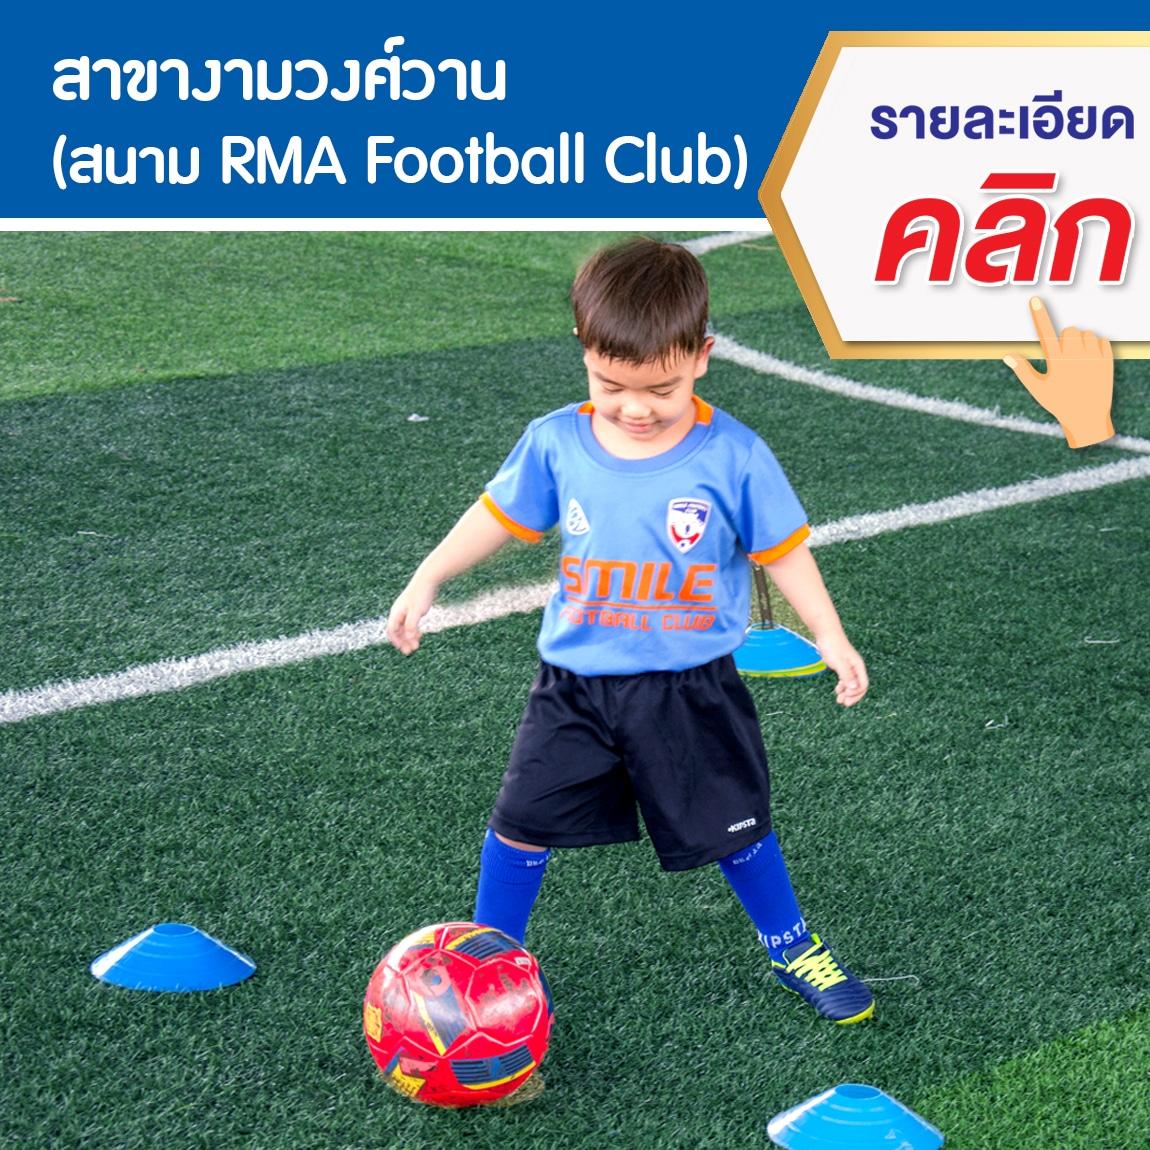 สอนฟุตบอลเด็ก by Smile Football Club_201908001